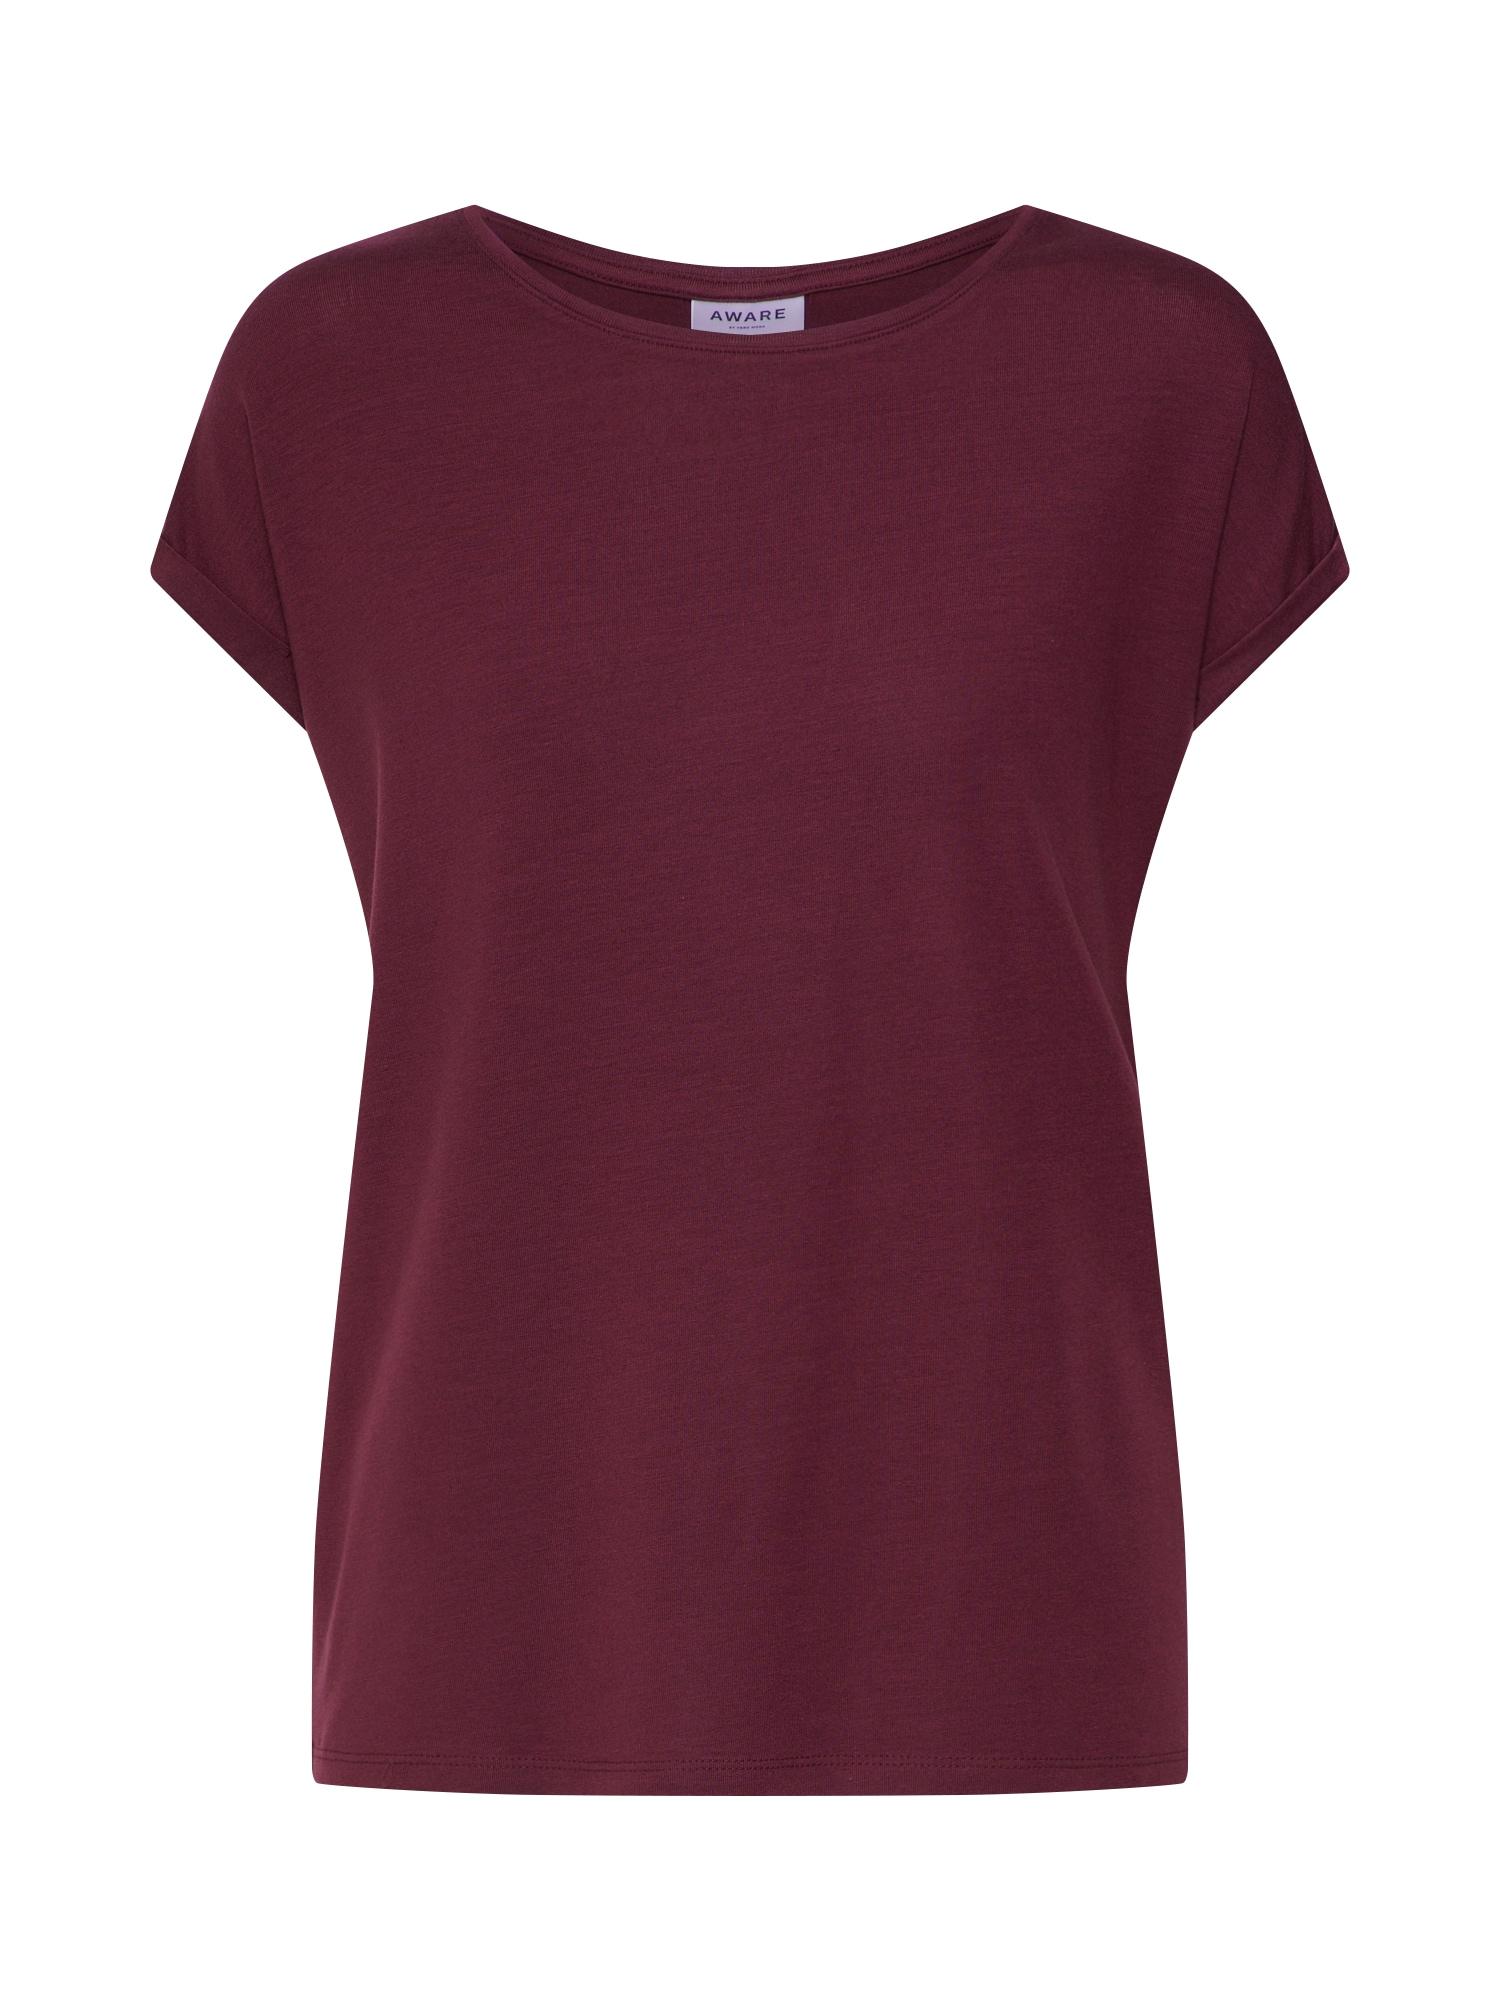 Oversized tričko AVA PLAIN vínově červená VERO MODA